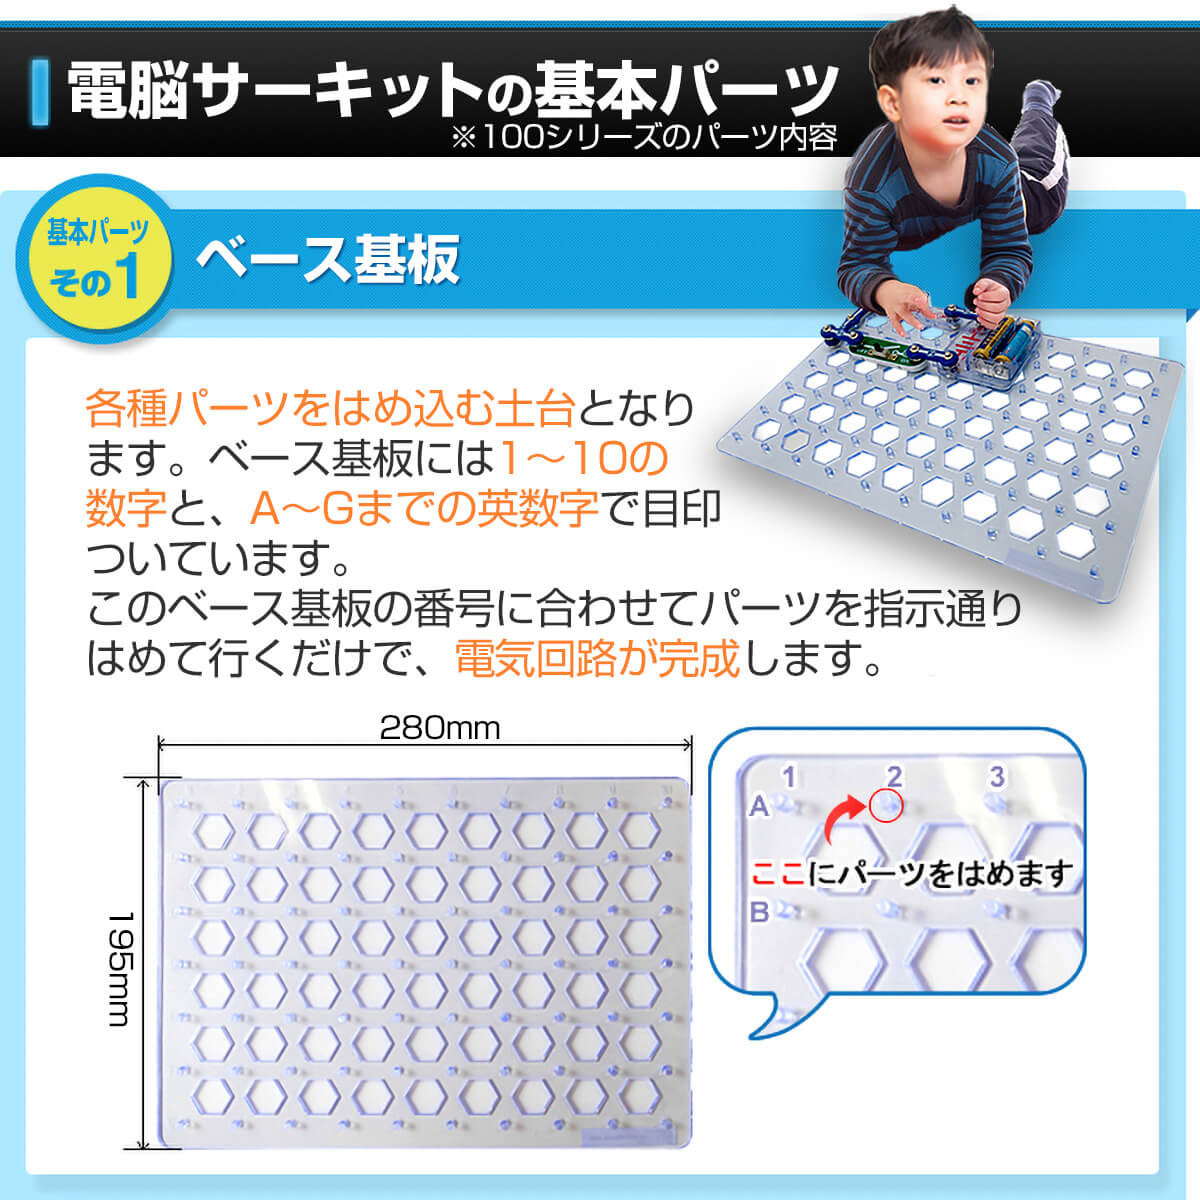 【正規品】 知育玩具 おもちゃ こども 小学生 電脳サーキット 300 電気回路 電子回路が学べる 電子ブロック 子供 電子玩具 電気の仕組み 科学 実験 回路パズル 指先